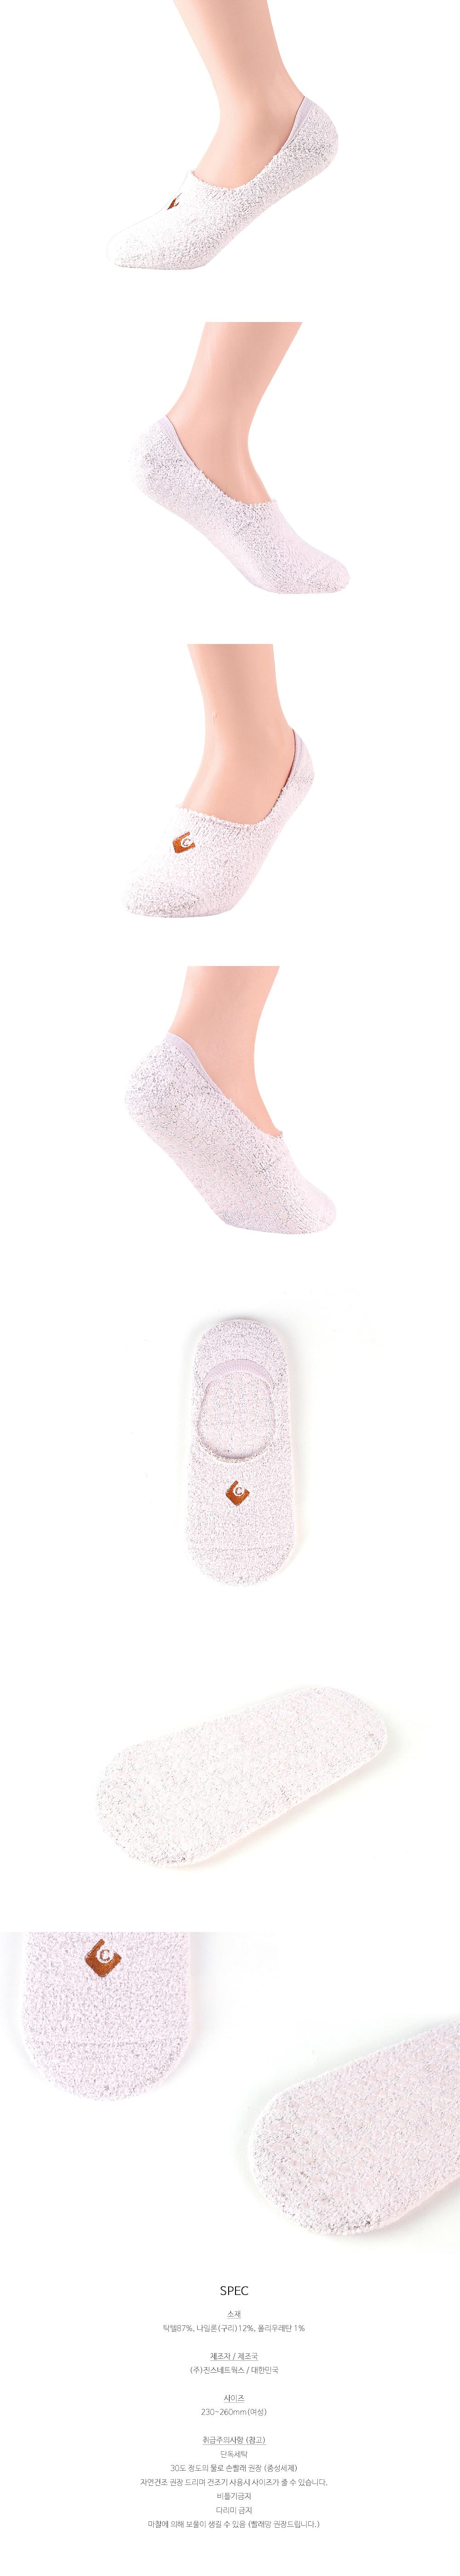 여성 소프트 자수 덧신 수면양말-PINK - 카퍼스킨, 14,900원, 여성양말, 패션양말